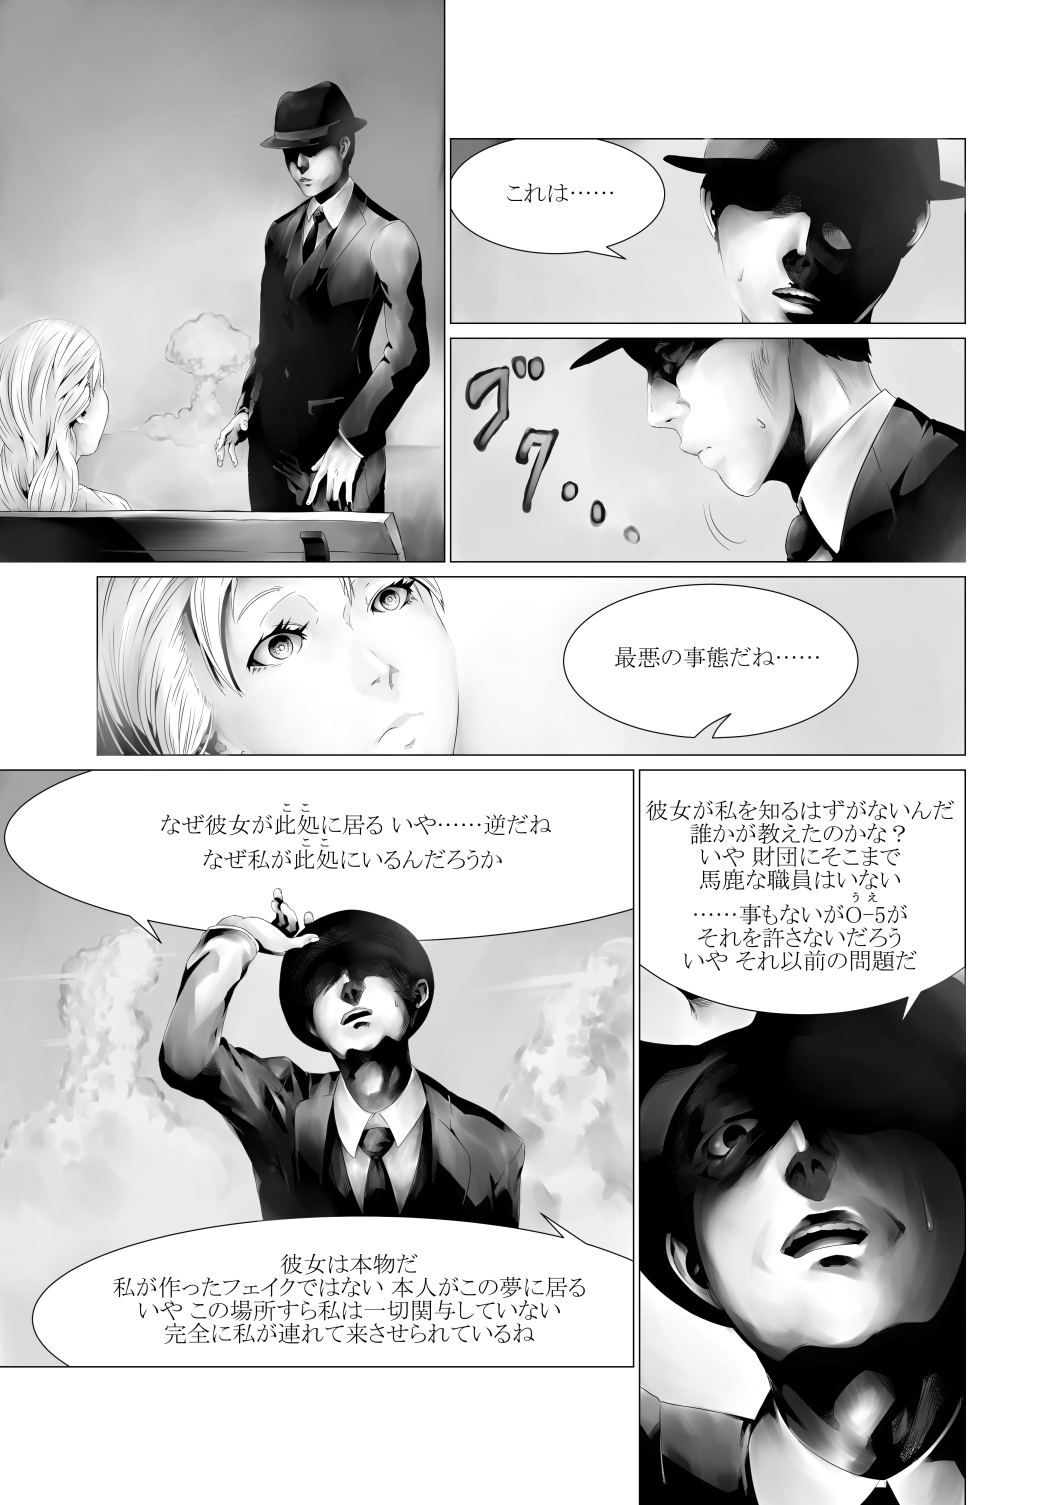 ちいさな魔女の夢2完成.png